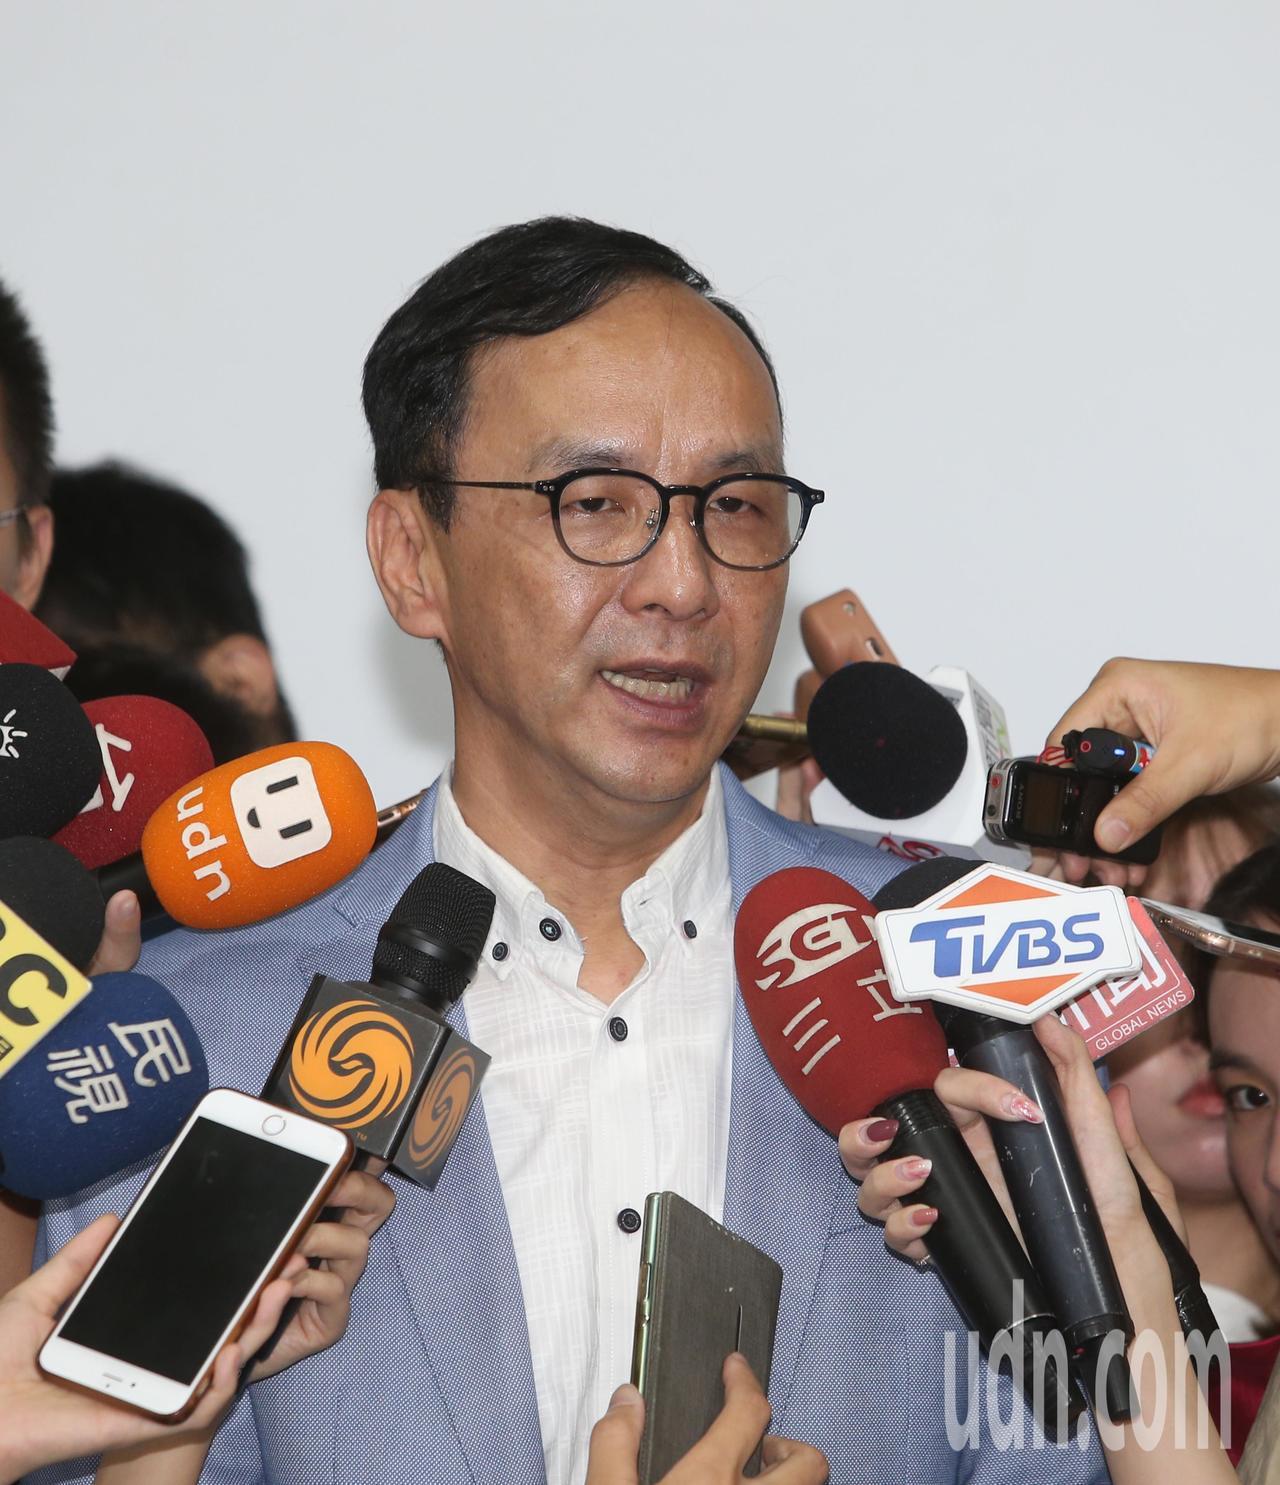 前衛生署長楊志良上午舉行新書「中華民國如何不亡」發表會,希望總統參選人接招,新北...